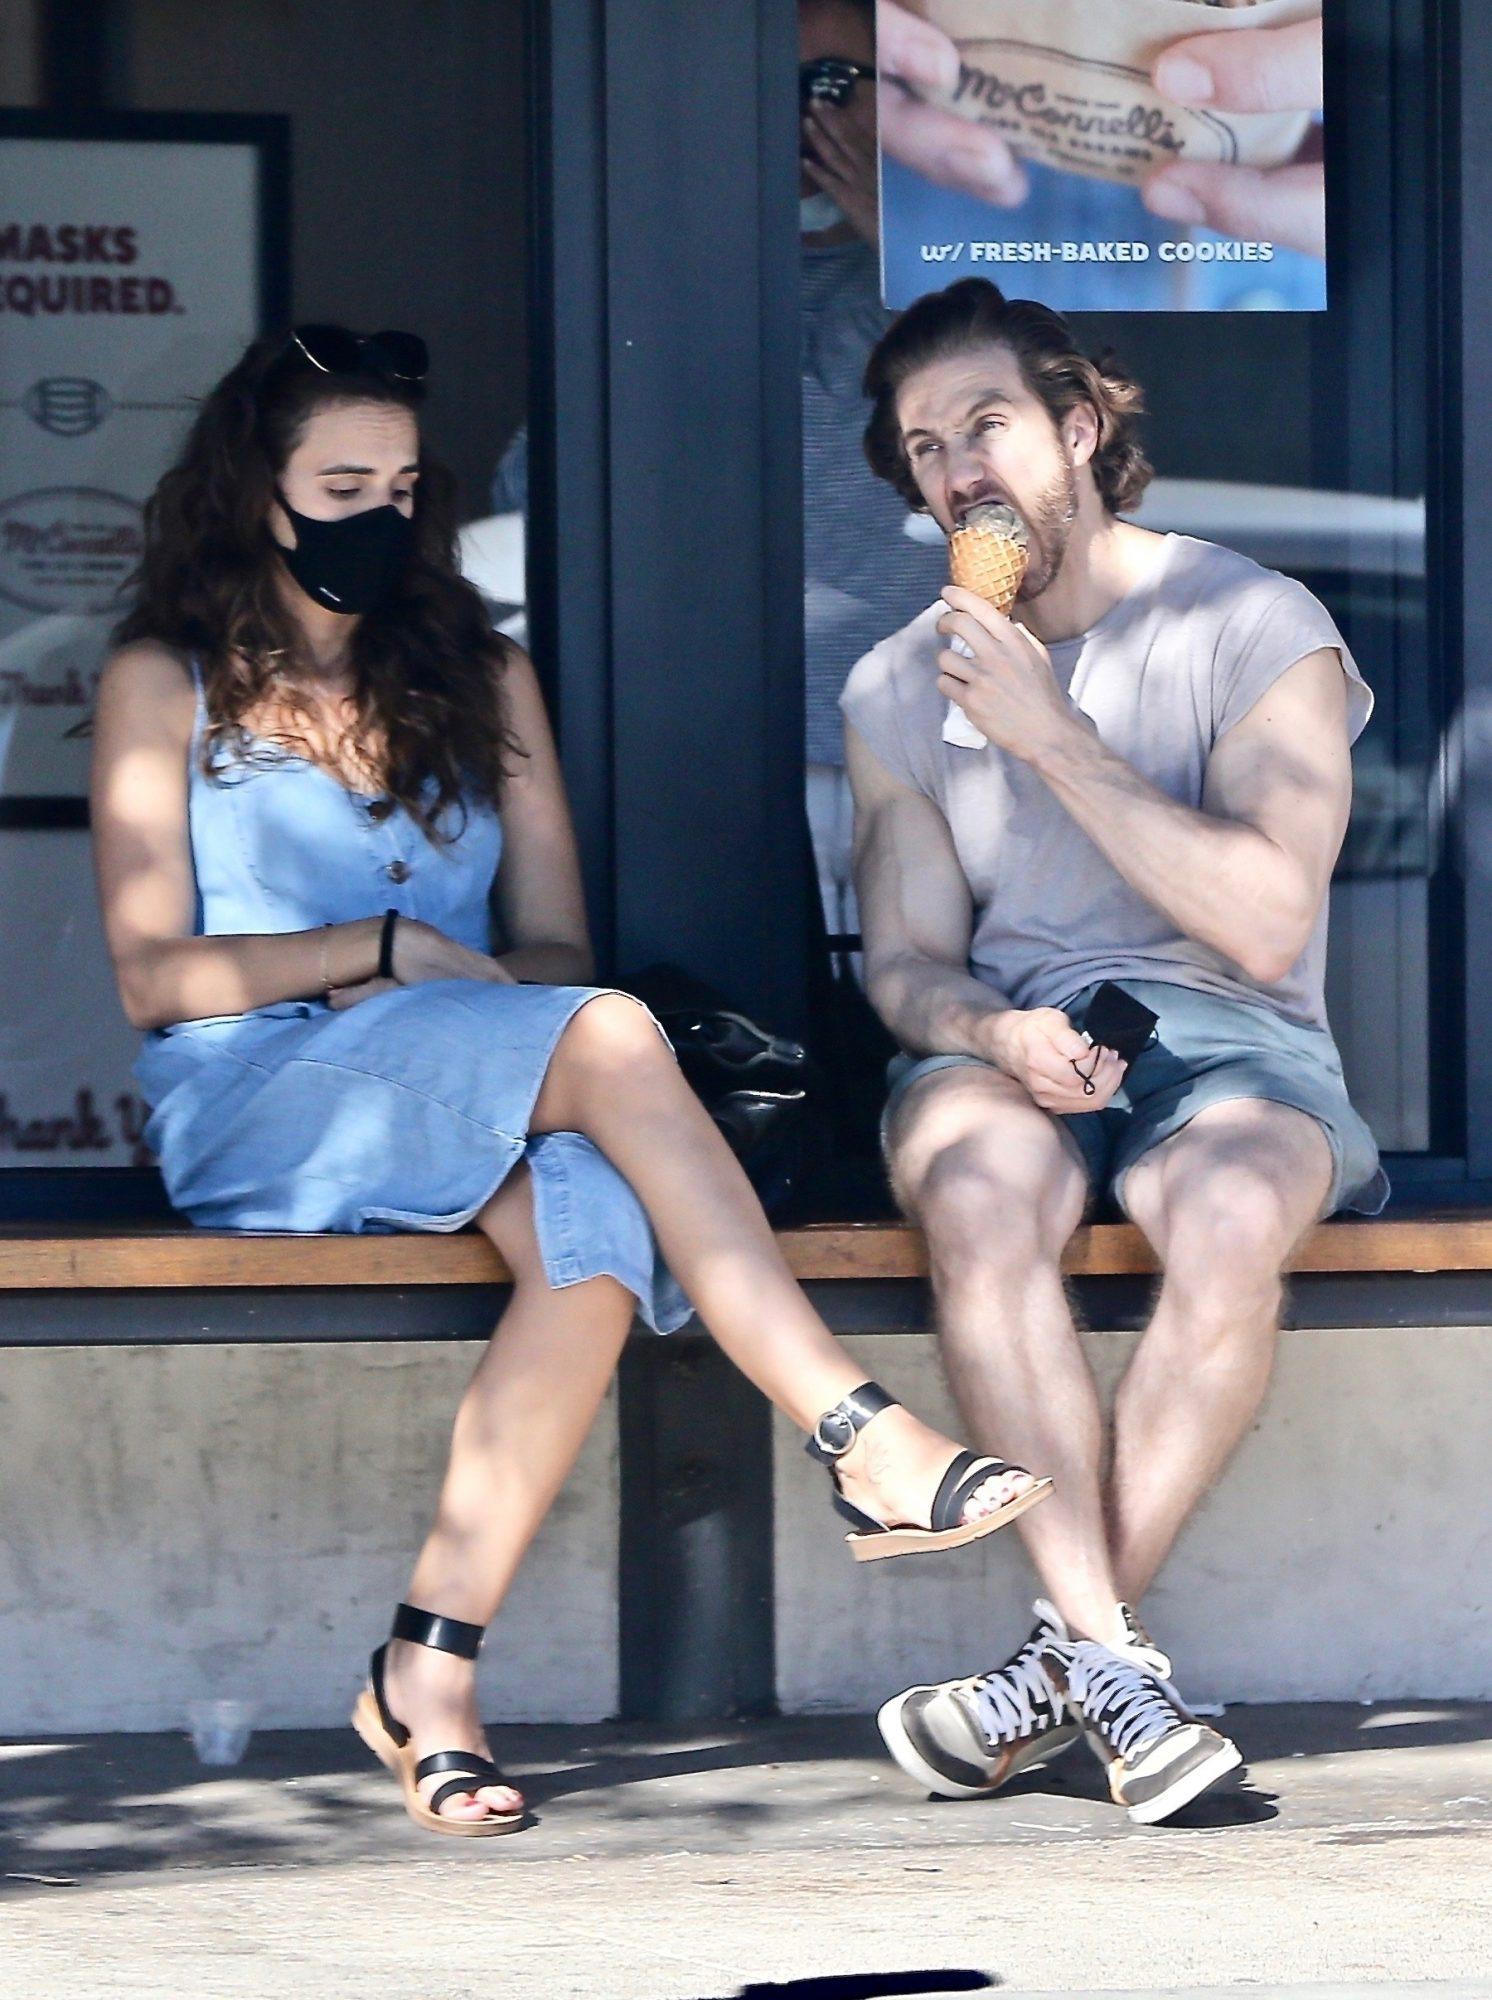 Eugenio Siller disfruta de un helado y una charla junto a una morocha